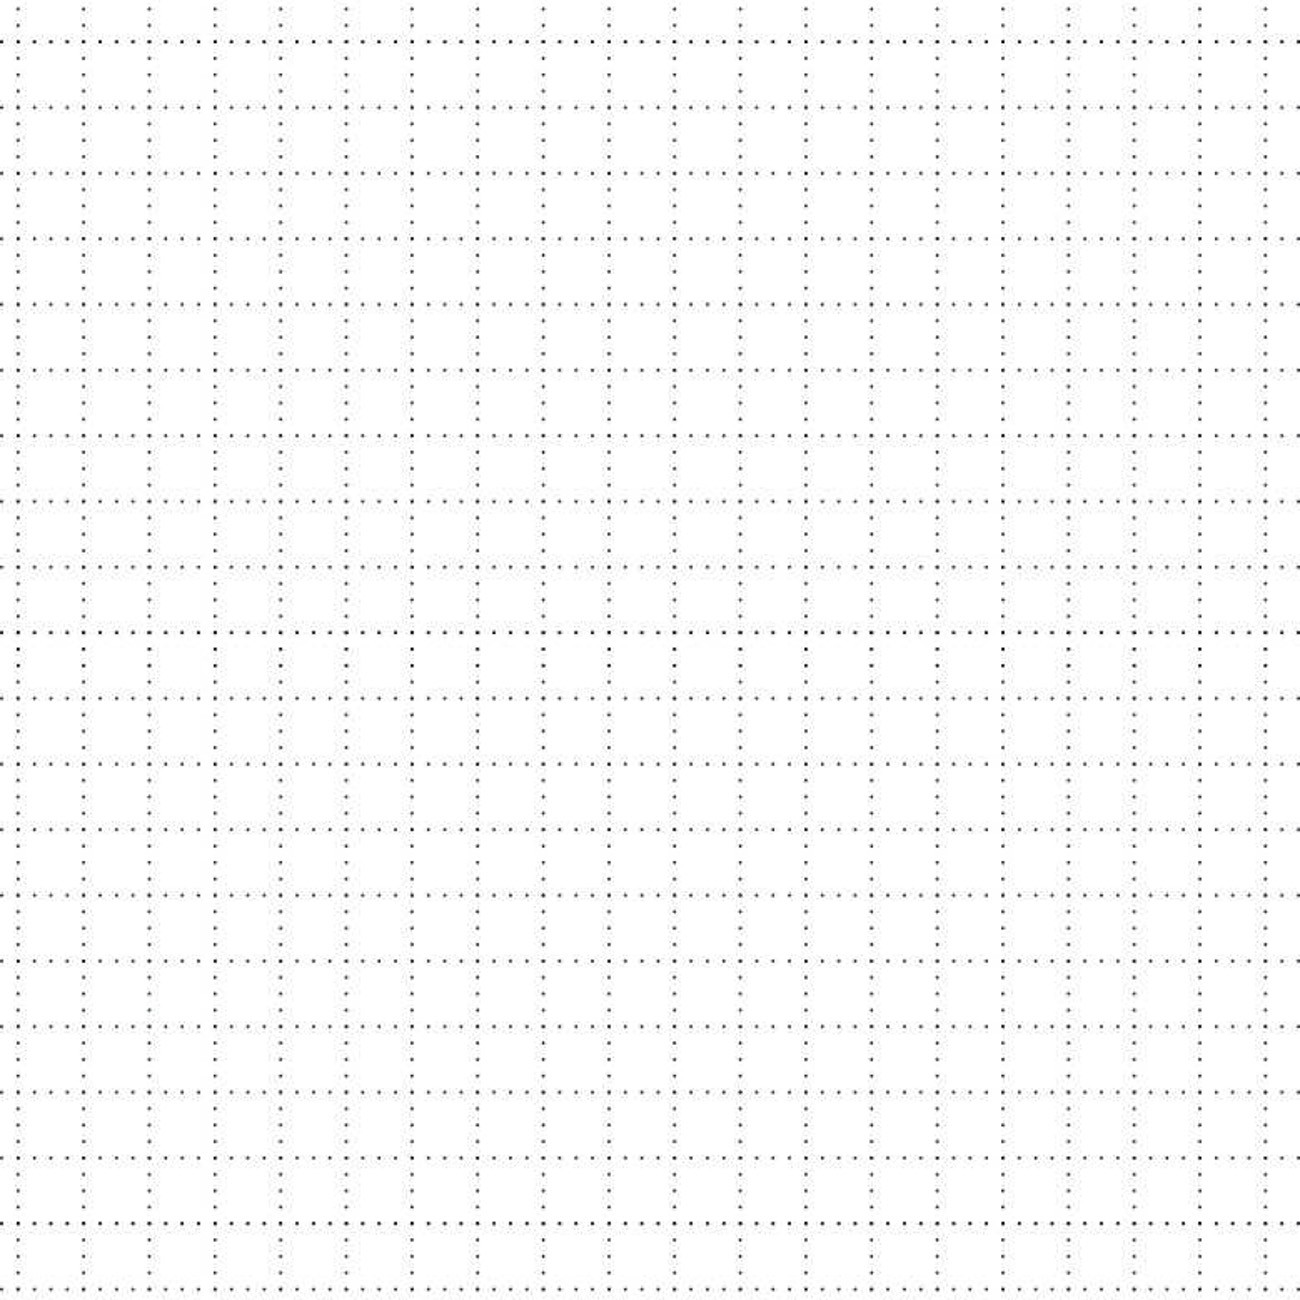 Papel de parede Grid Pontinhos Preto e Branco